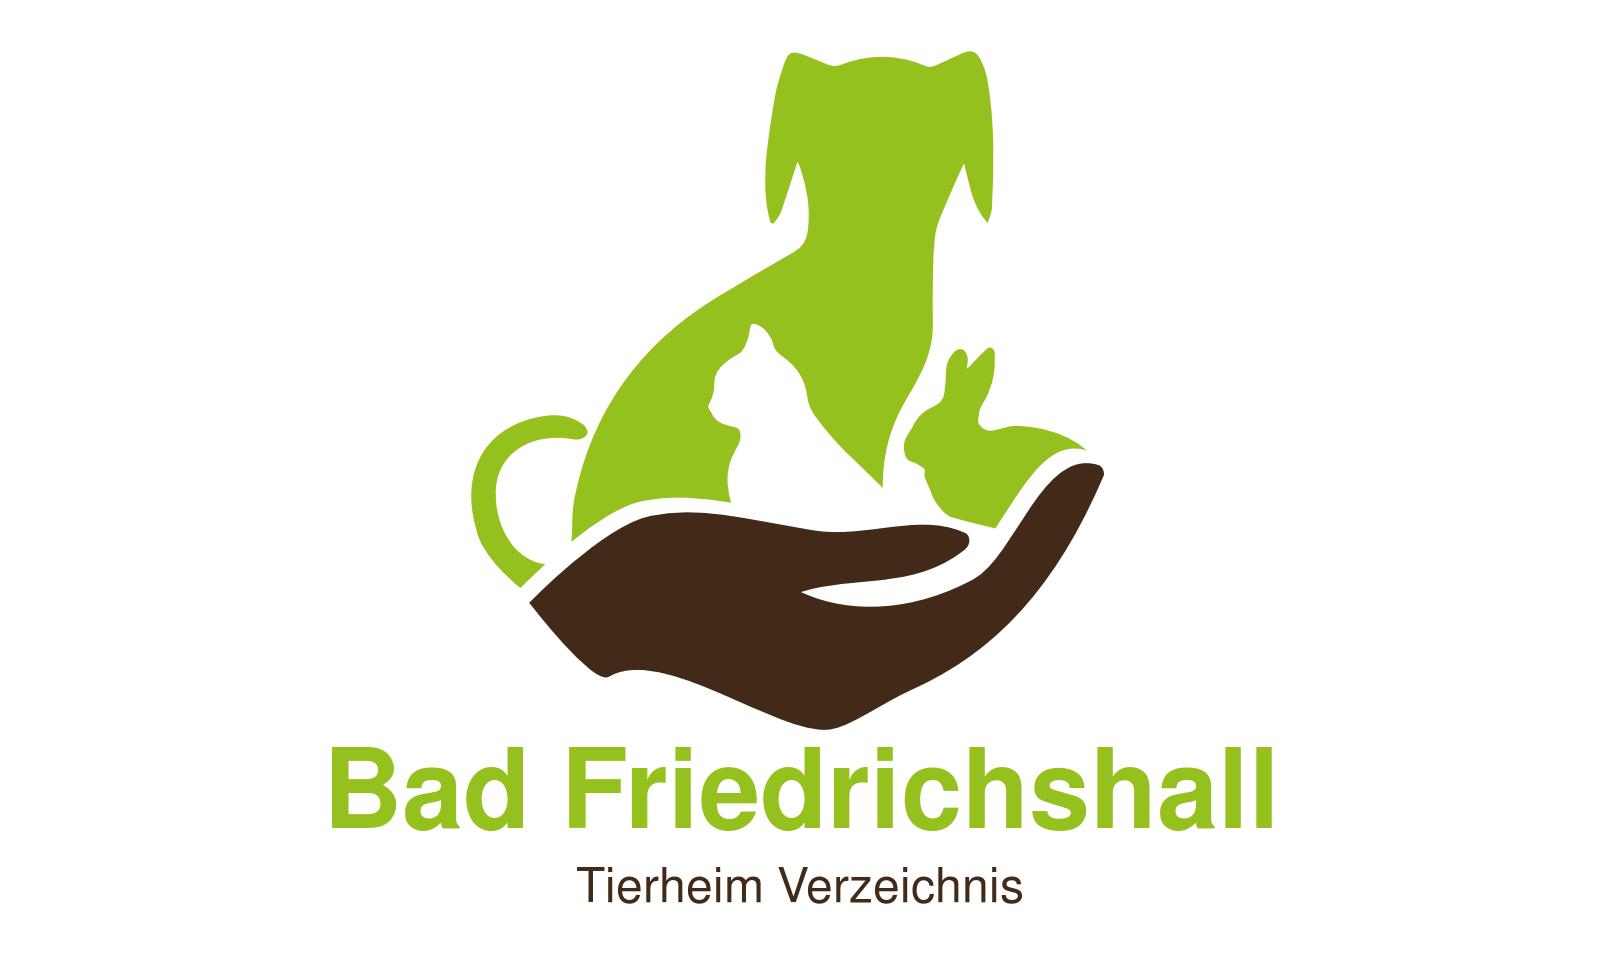 Tierheim Bad Friedrichshall